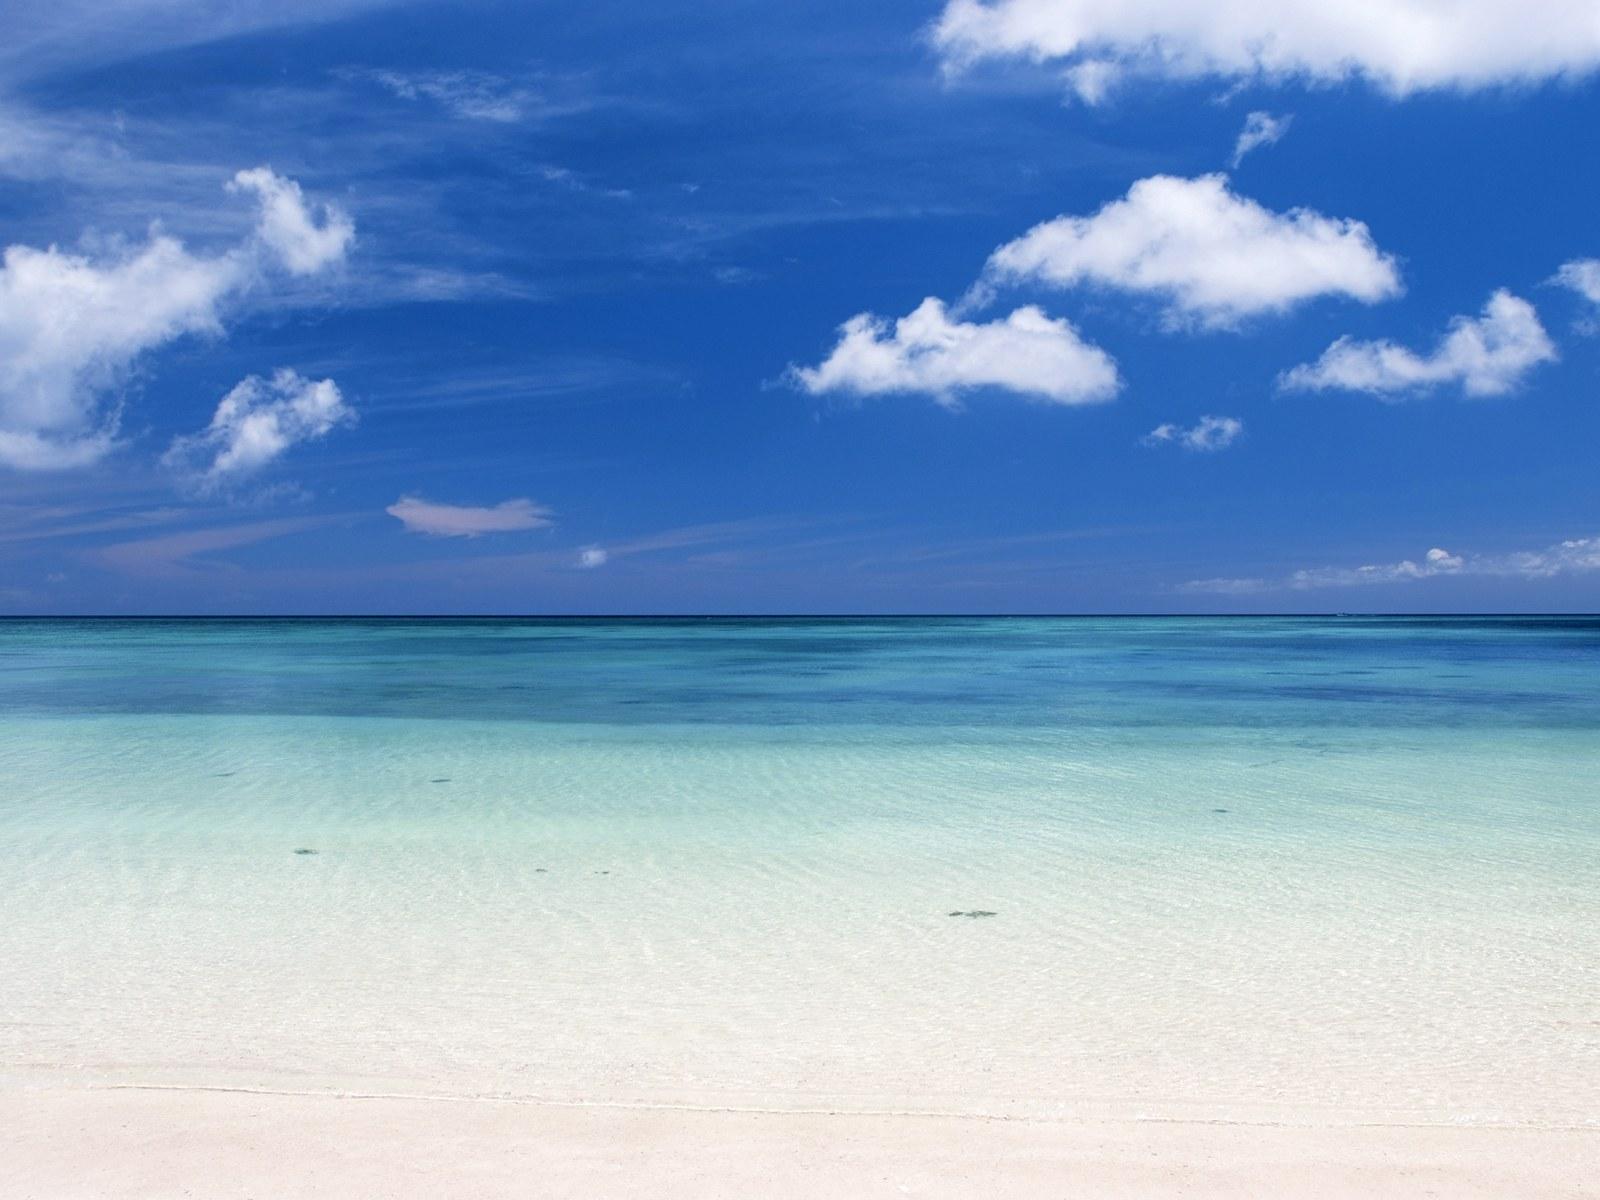 日本冲绳碧海蓝天沙滩背景图片素材 38P图片